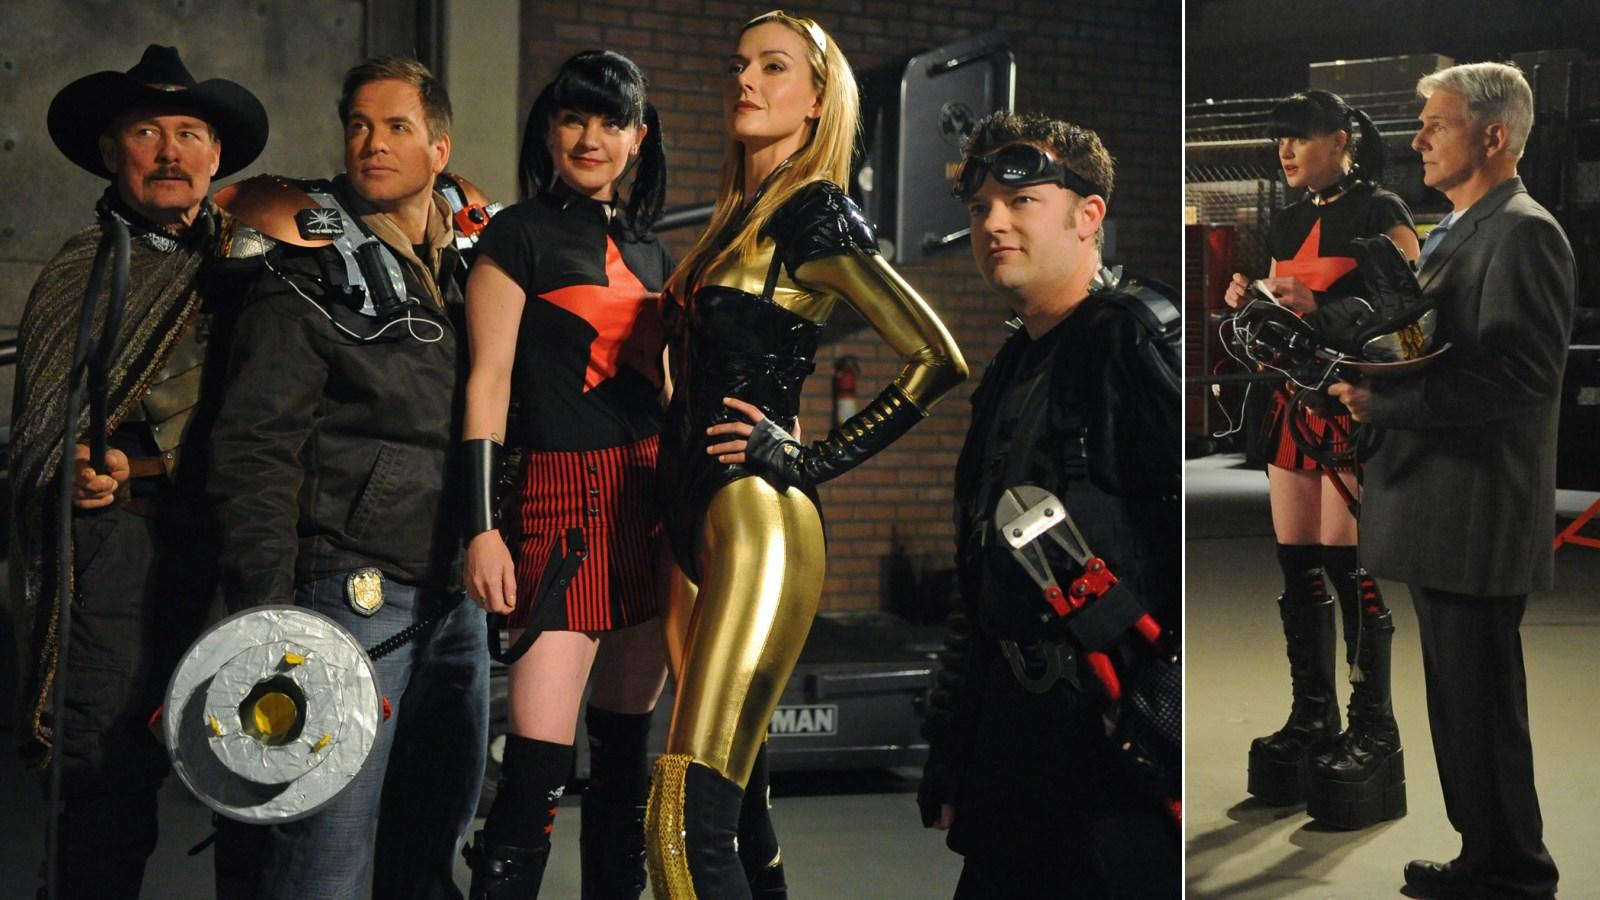 Szerencsére nem ő az egyetlen az NCIS-csapatból, aki szeret öltözködni, néha a többiek is felbuzdulnak a hölgy egyedi stílusán. Neked melyik a kedvenc Abby-cuccod? (CBS)